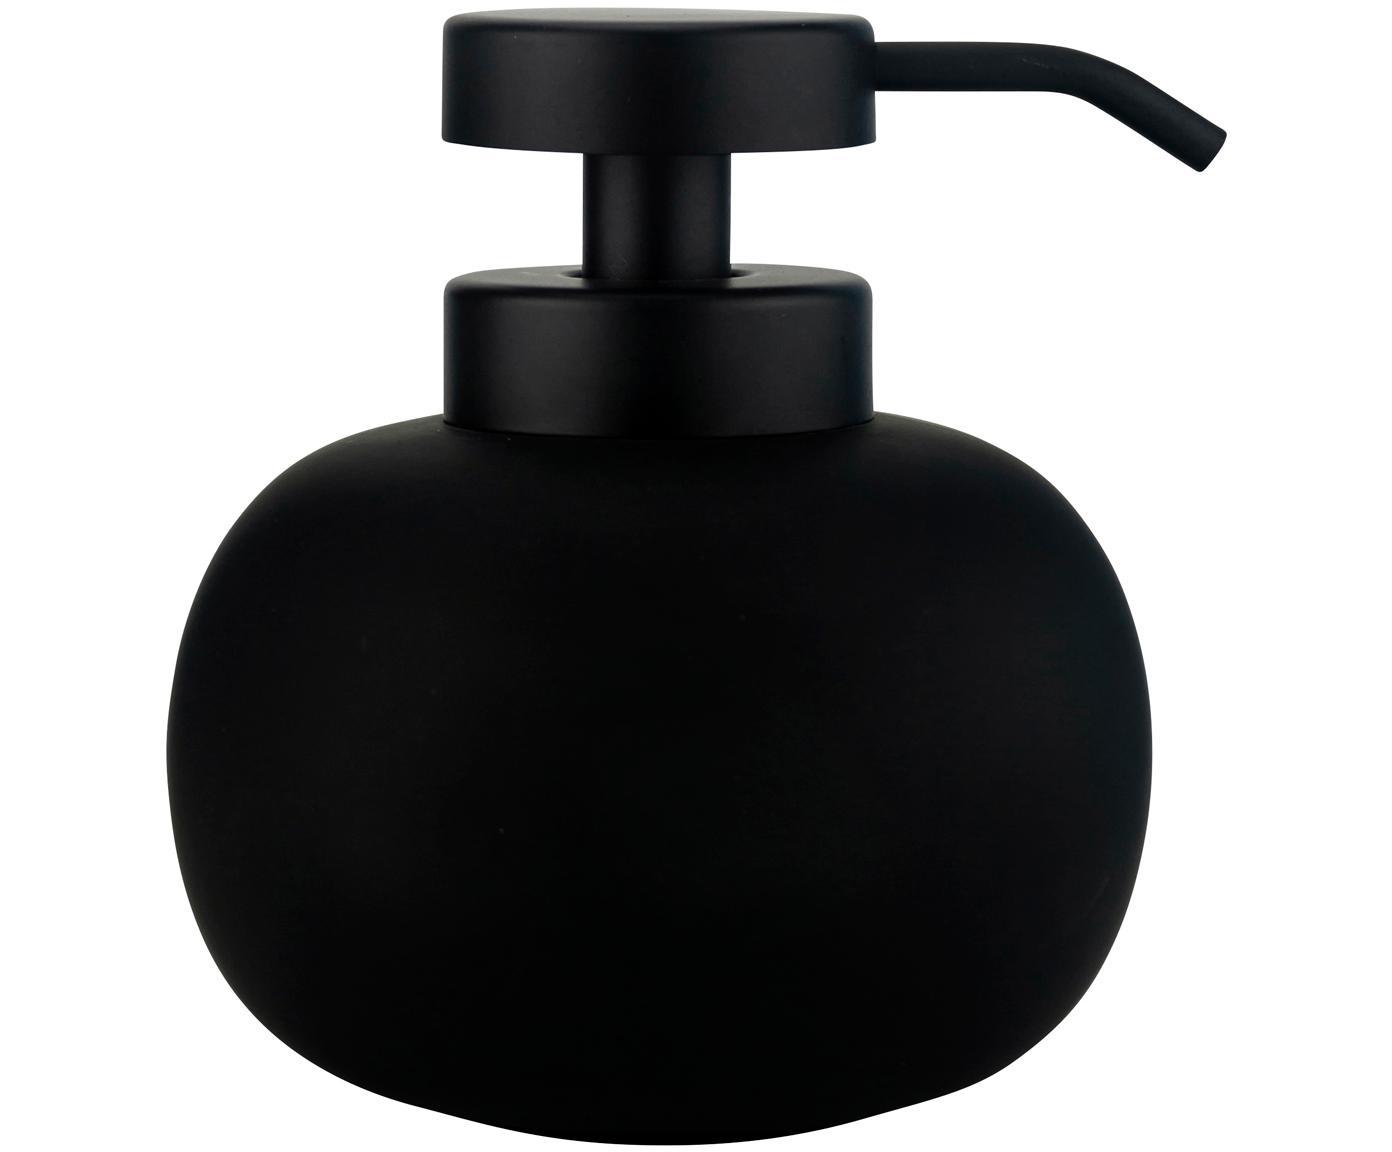 Dozownik do mydła Lotus, Czarny, Ø 11 x W 13 cm